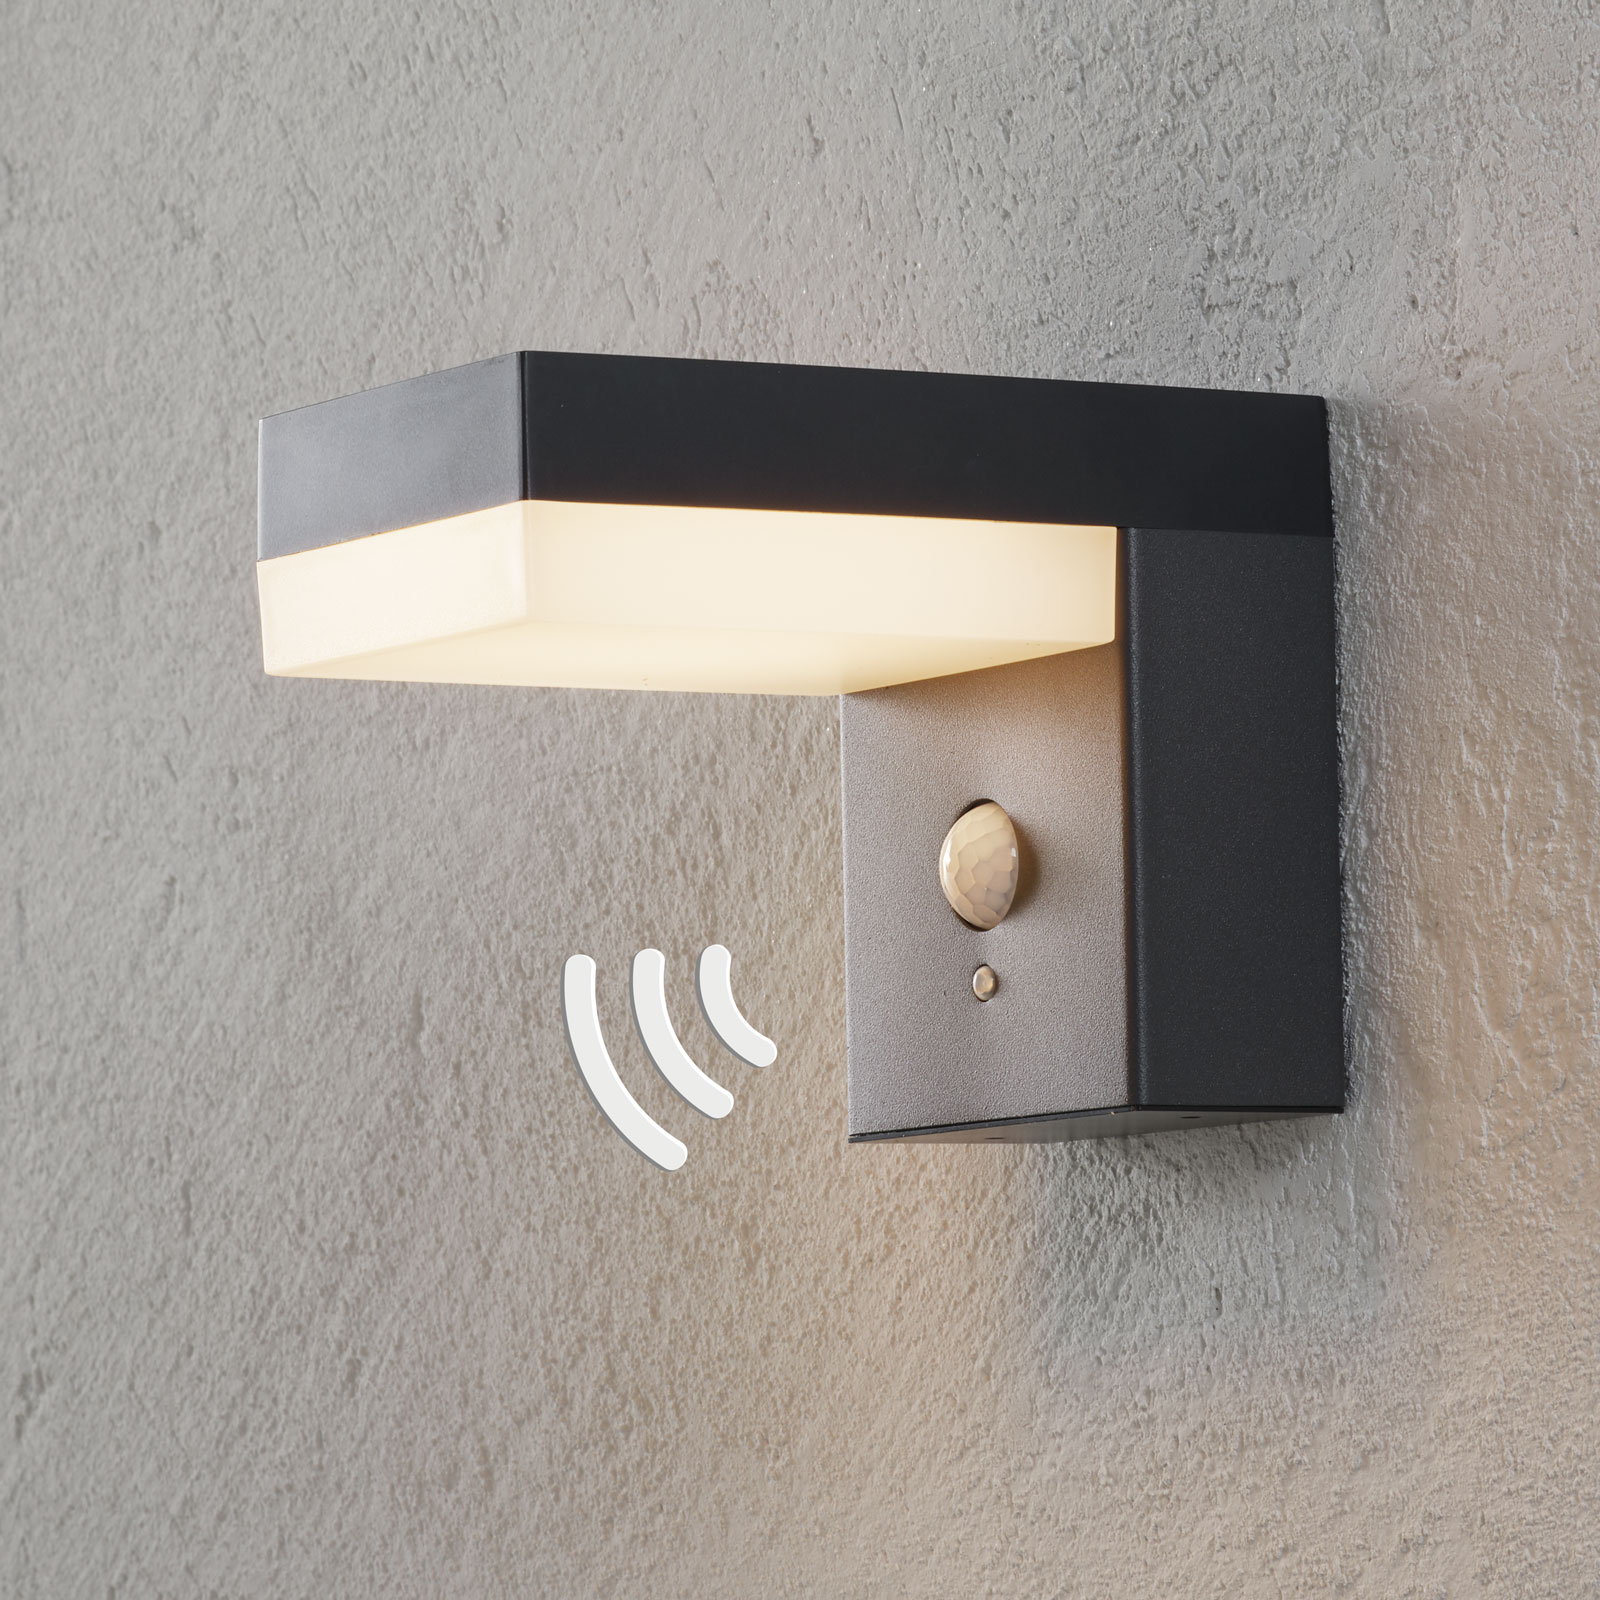 Applique d'extérieur LED Chioma solaire, capteur